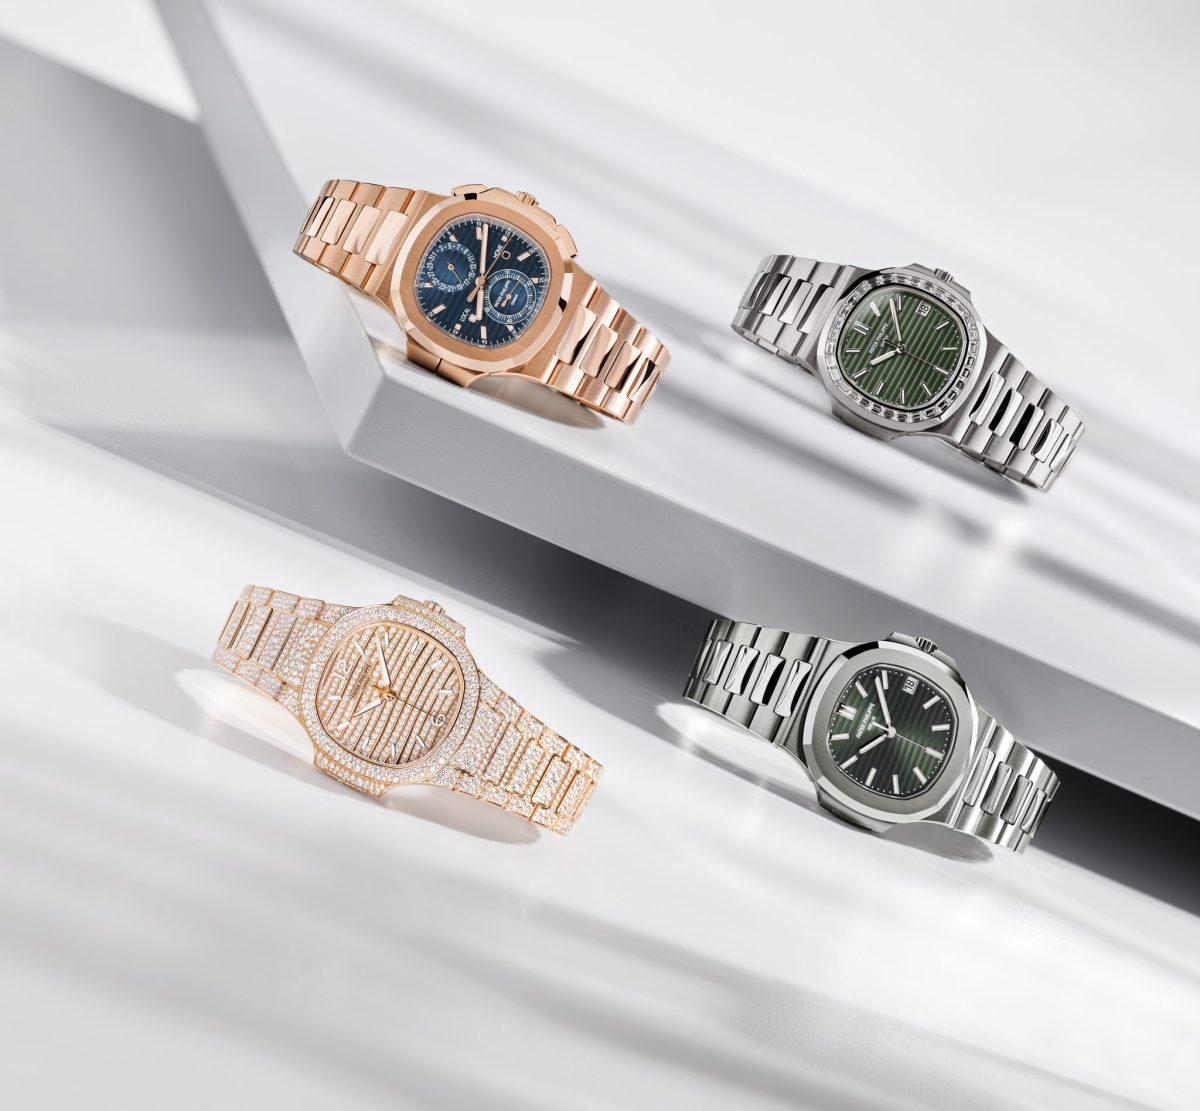 Patek Philippe sorprende en la Watches & Wonders de Ginebra 2021 con el lanzamiento de cuatro nuevos Nautilus.